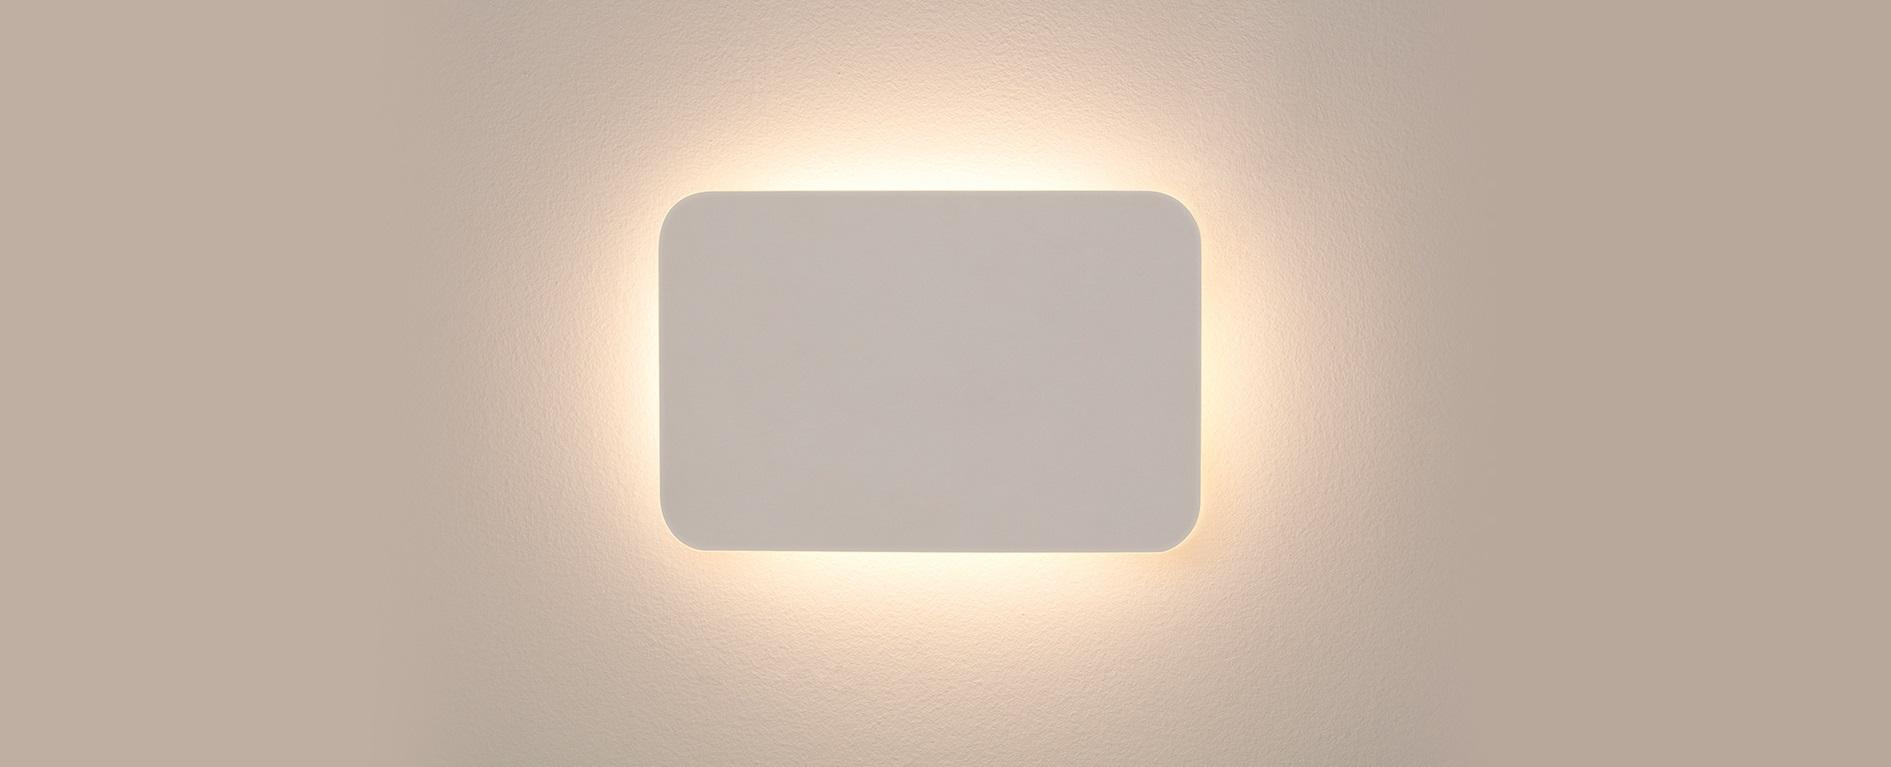 ARANDELA PLANE LED RETANGULAR BRANCA 14W 3000K SD2325